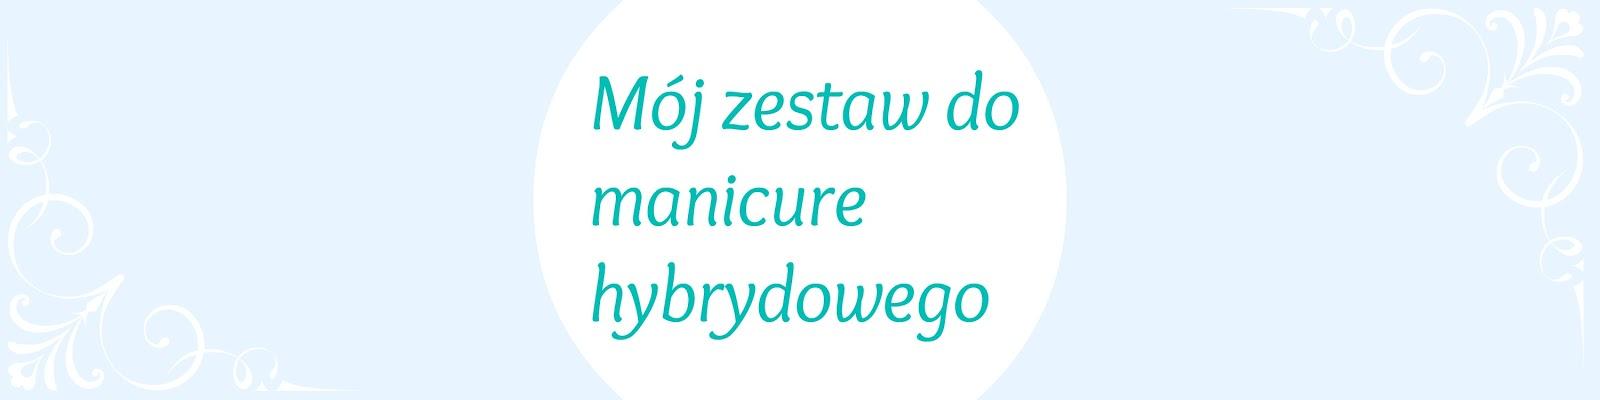 Mój zestaw do manicure hybrydowego - .